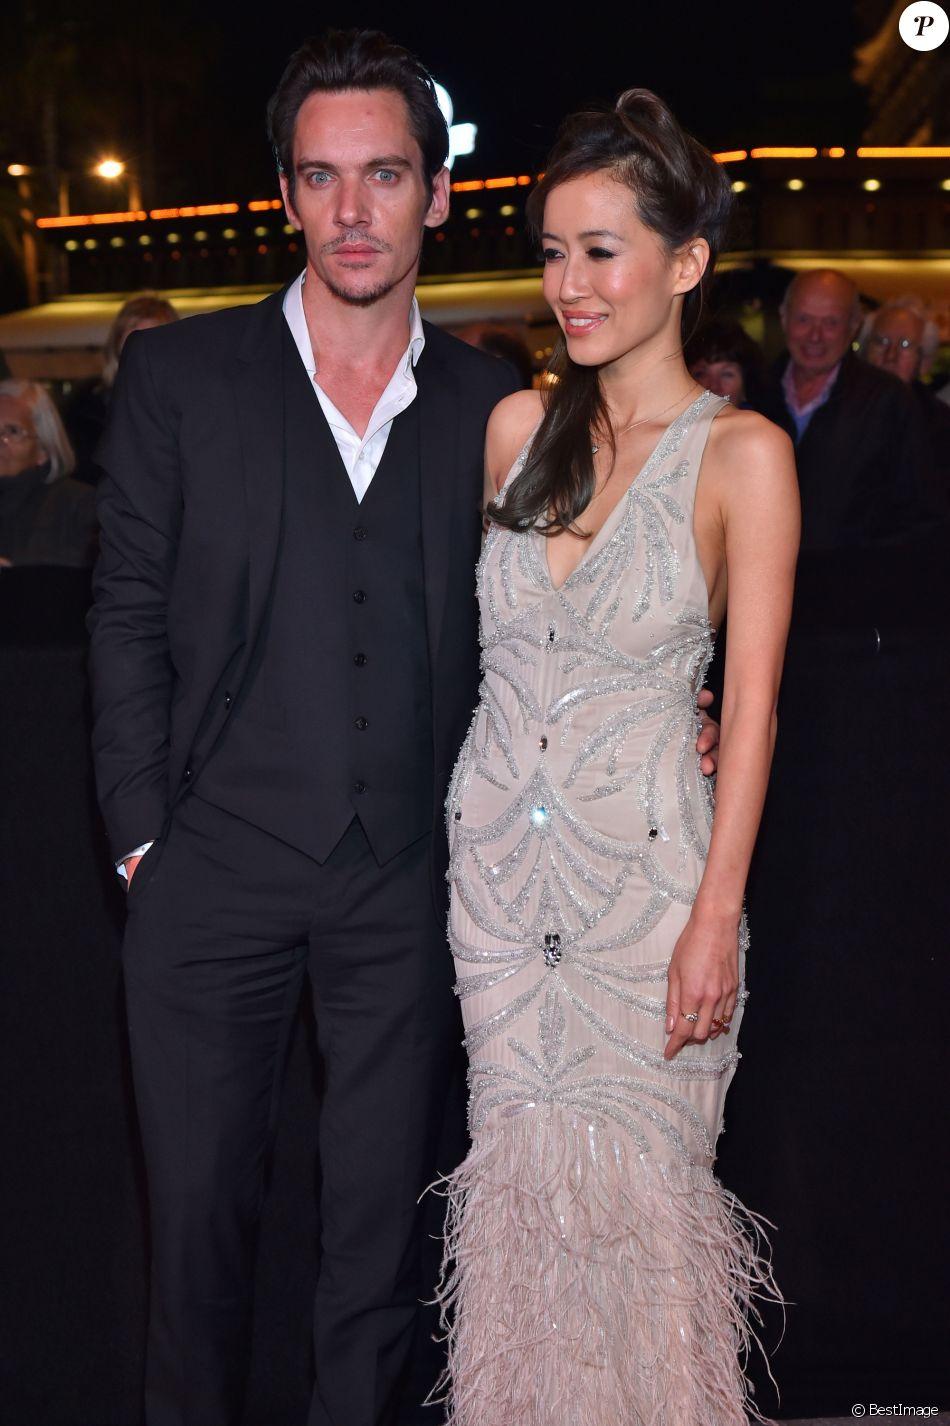 Jonathan Rhys-Meyers, acteur, chanteur et mannequin irlandais, et sa fiancée Mara Lane - Soirée du MIP TV 2016 à l'hôtel Martinez à Cannes. Le 4 avril 2016